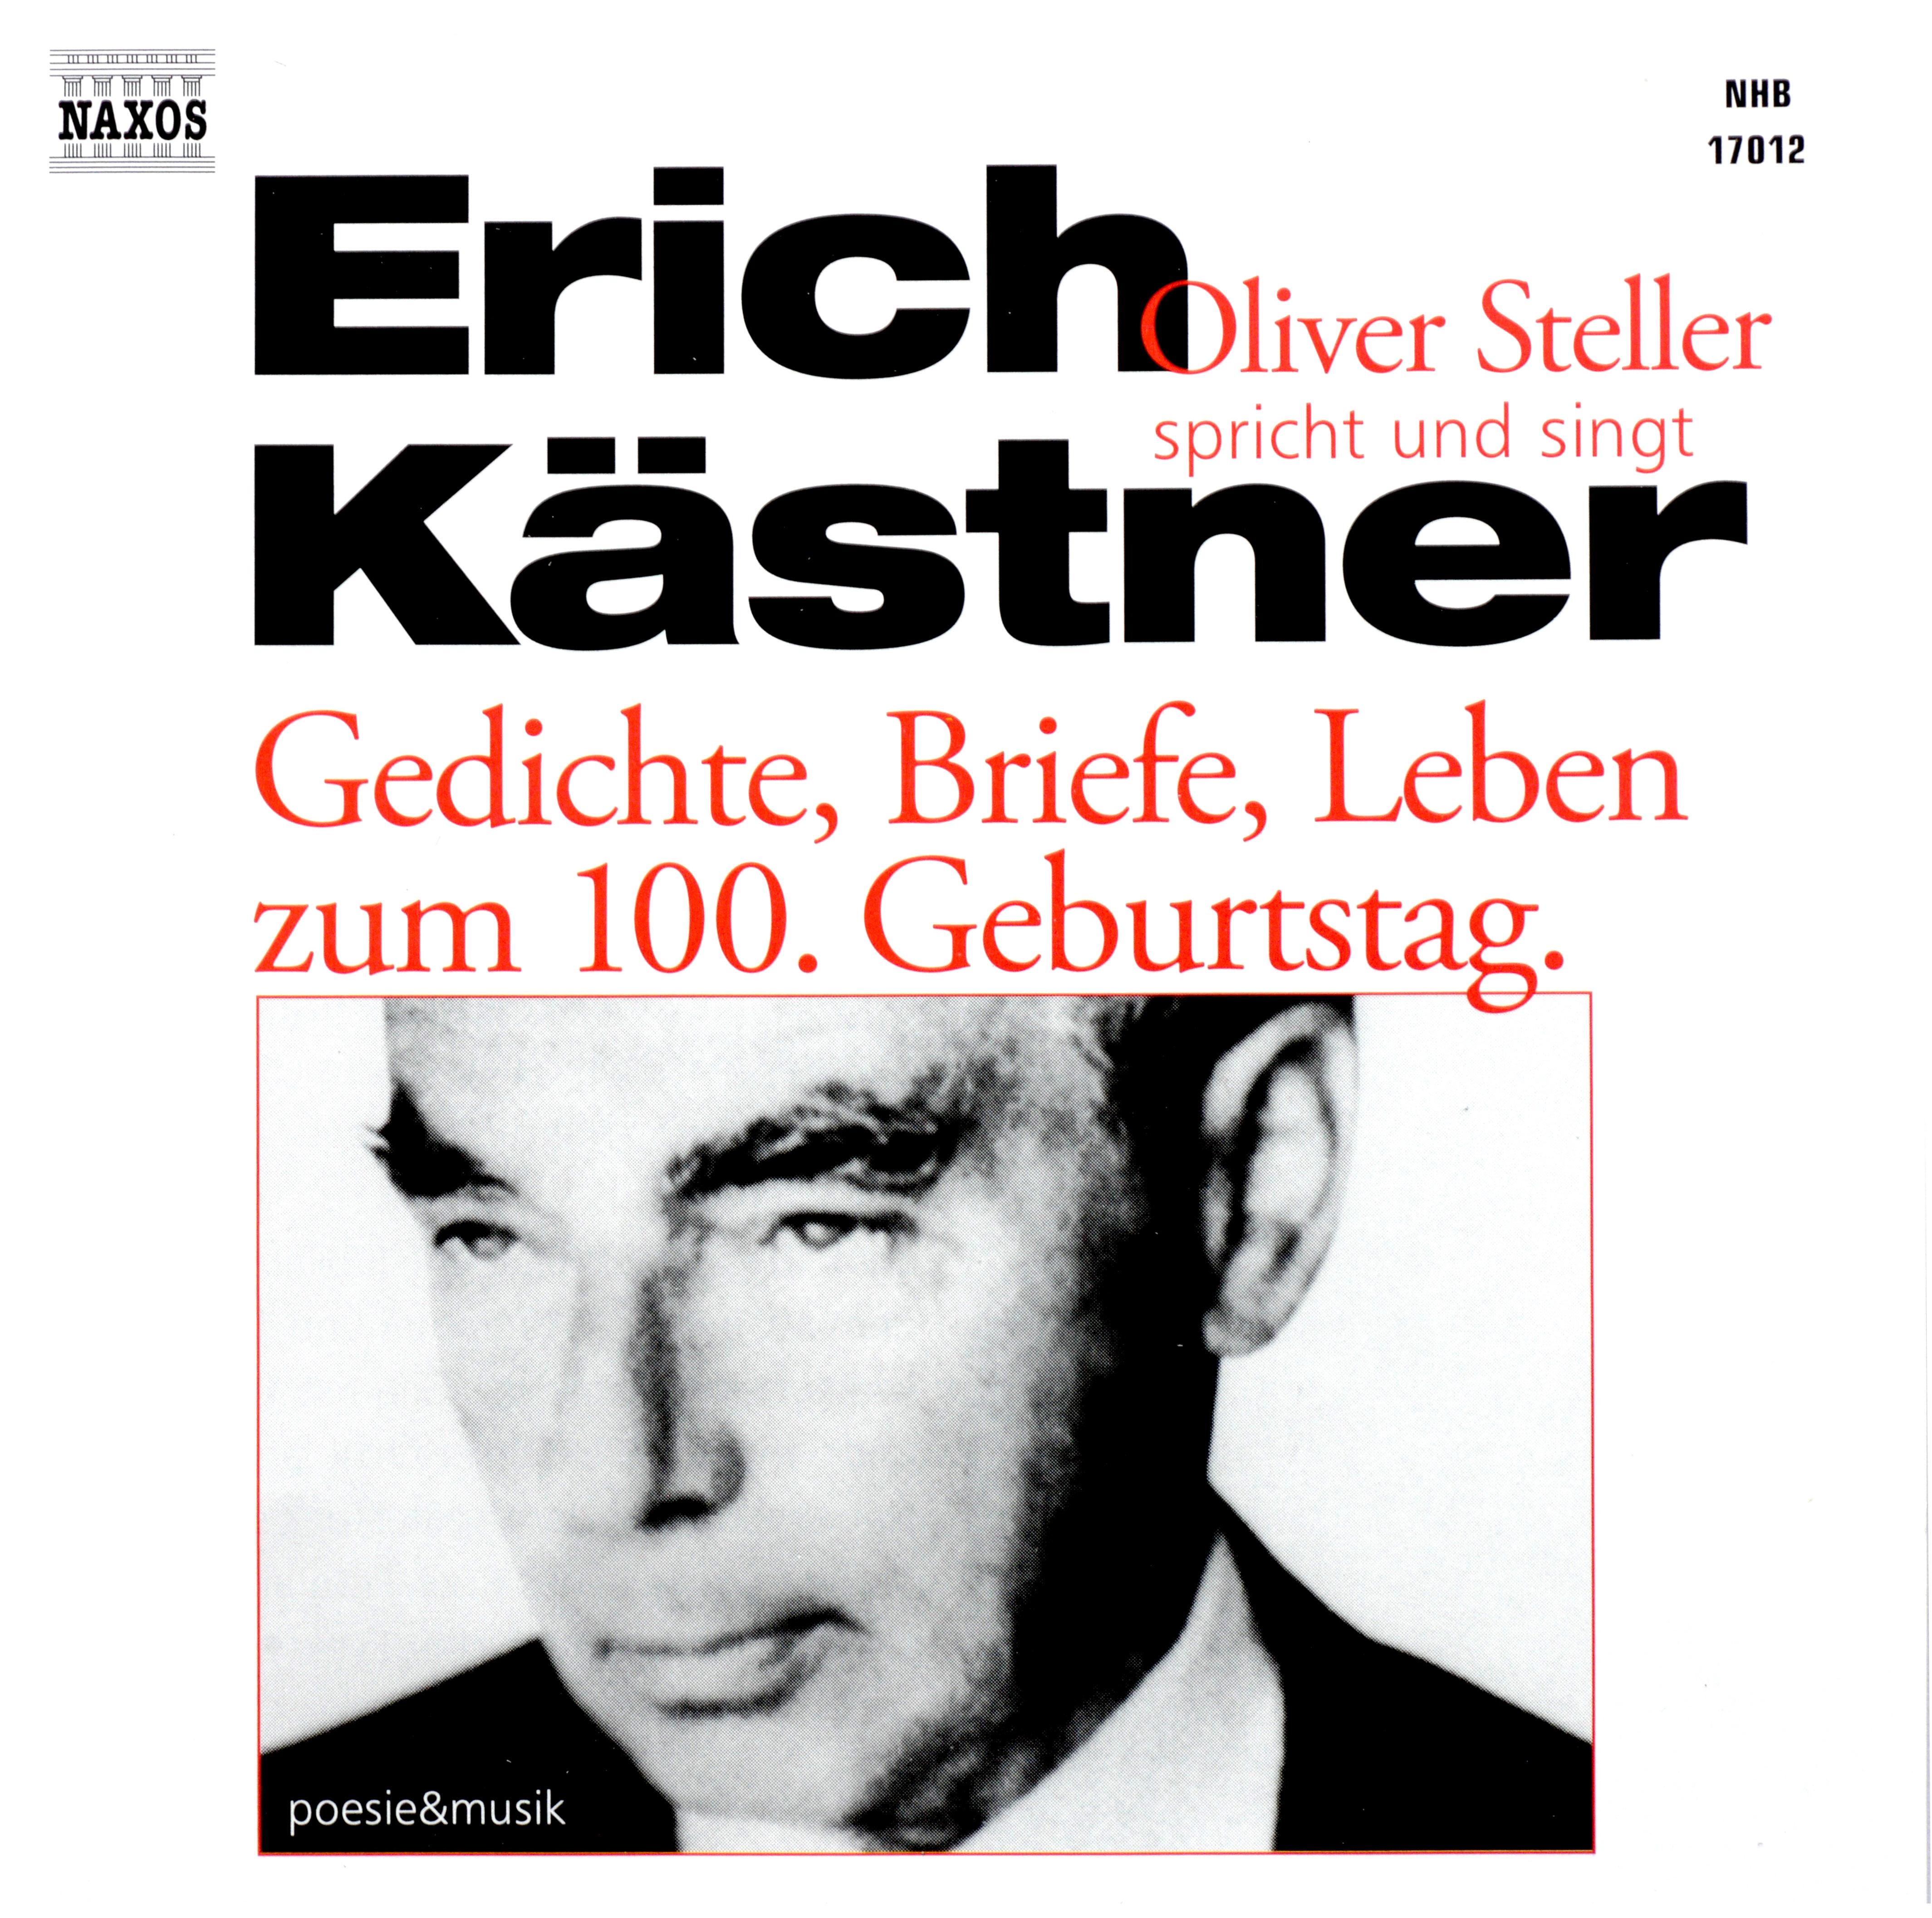 erich kstner - Erich Kastner Lebenslauf